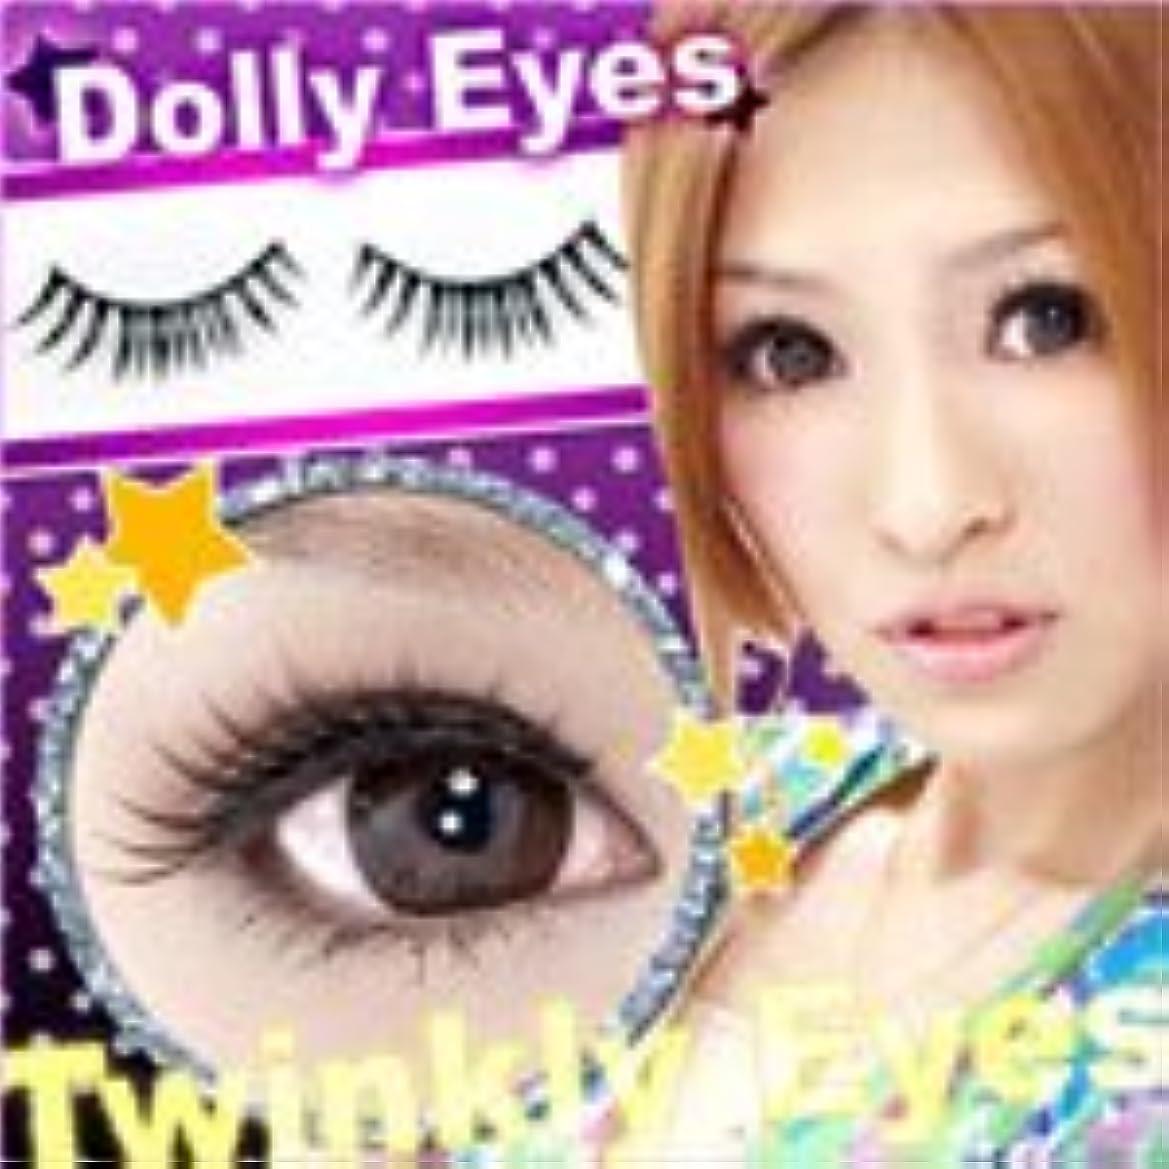 麻痺処分した資産トゥインクリーアイズ No.001 Dolly Eyes